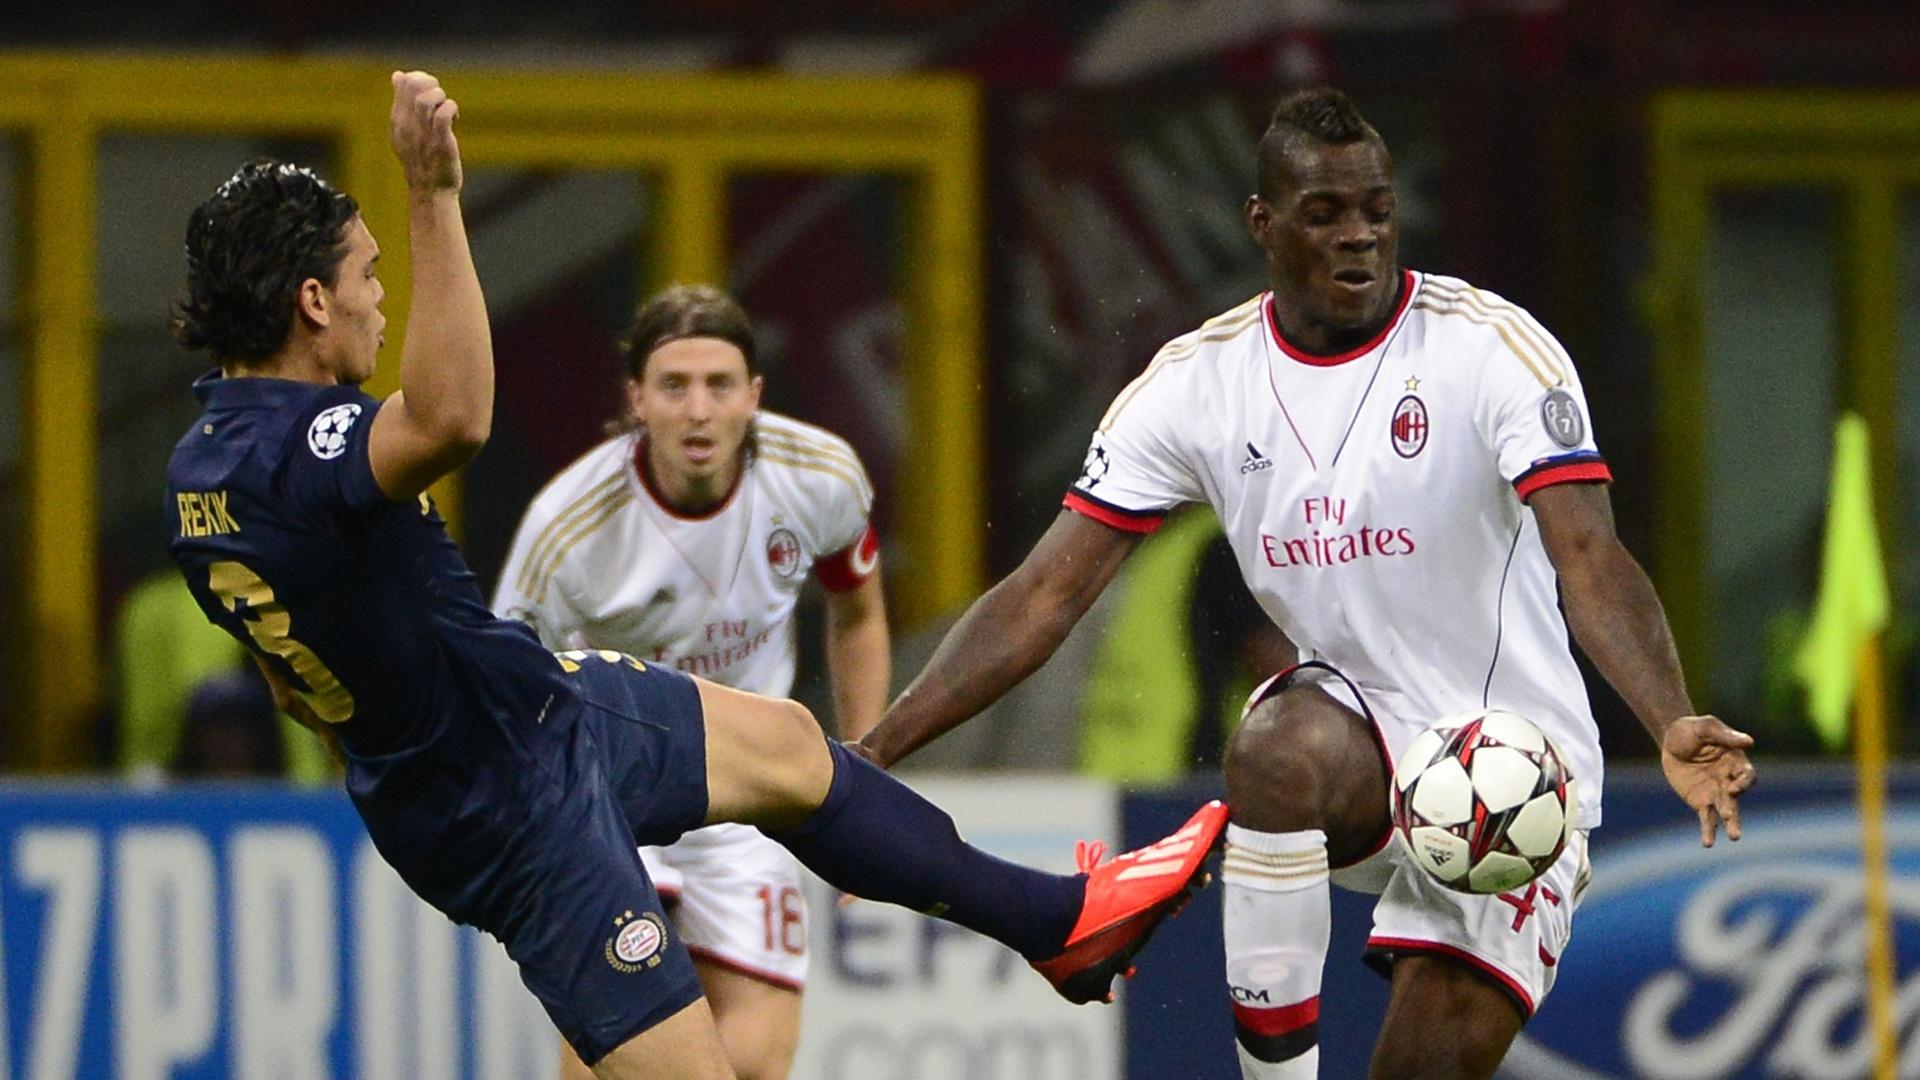 28.ago.2013 - Atacante Mario Balotelli domina a bola cercado por um marcador na partida entre Milan e PSV